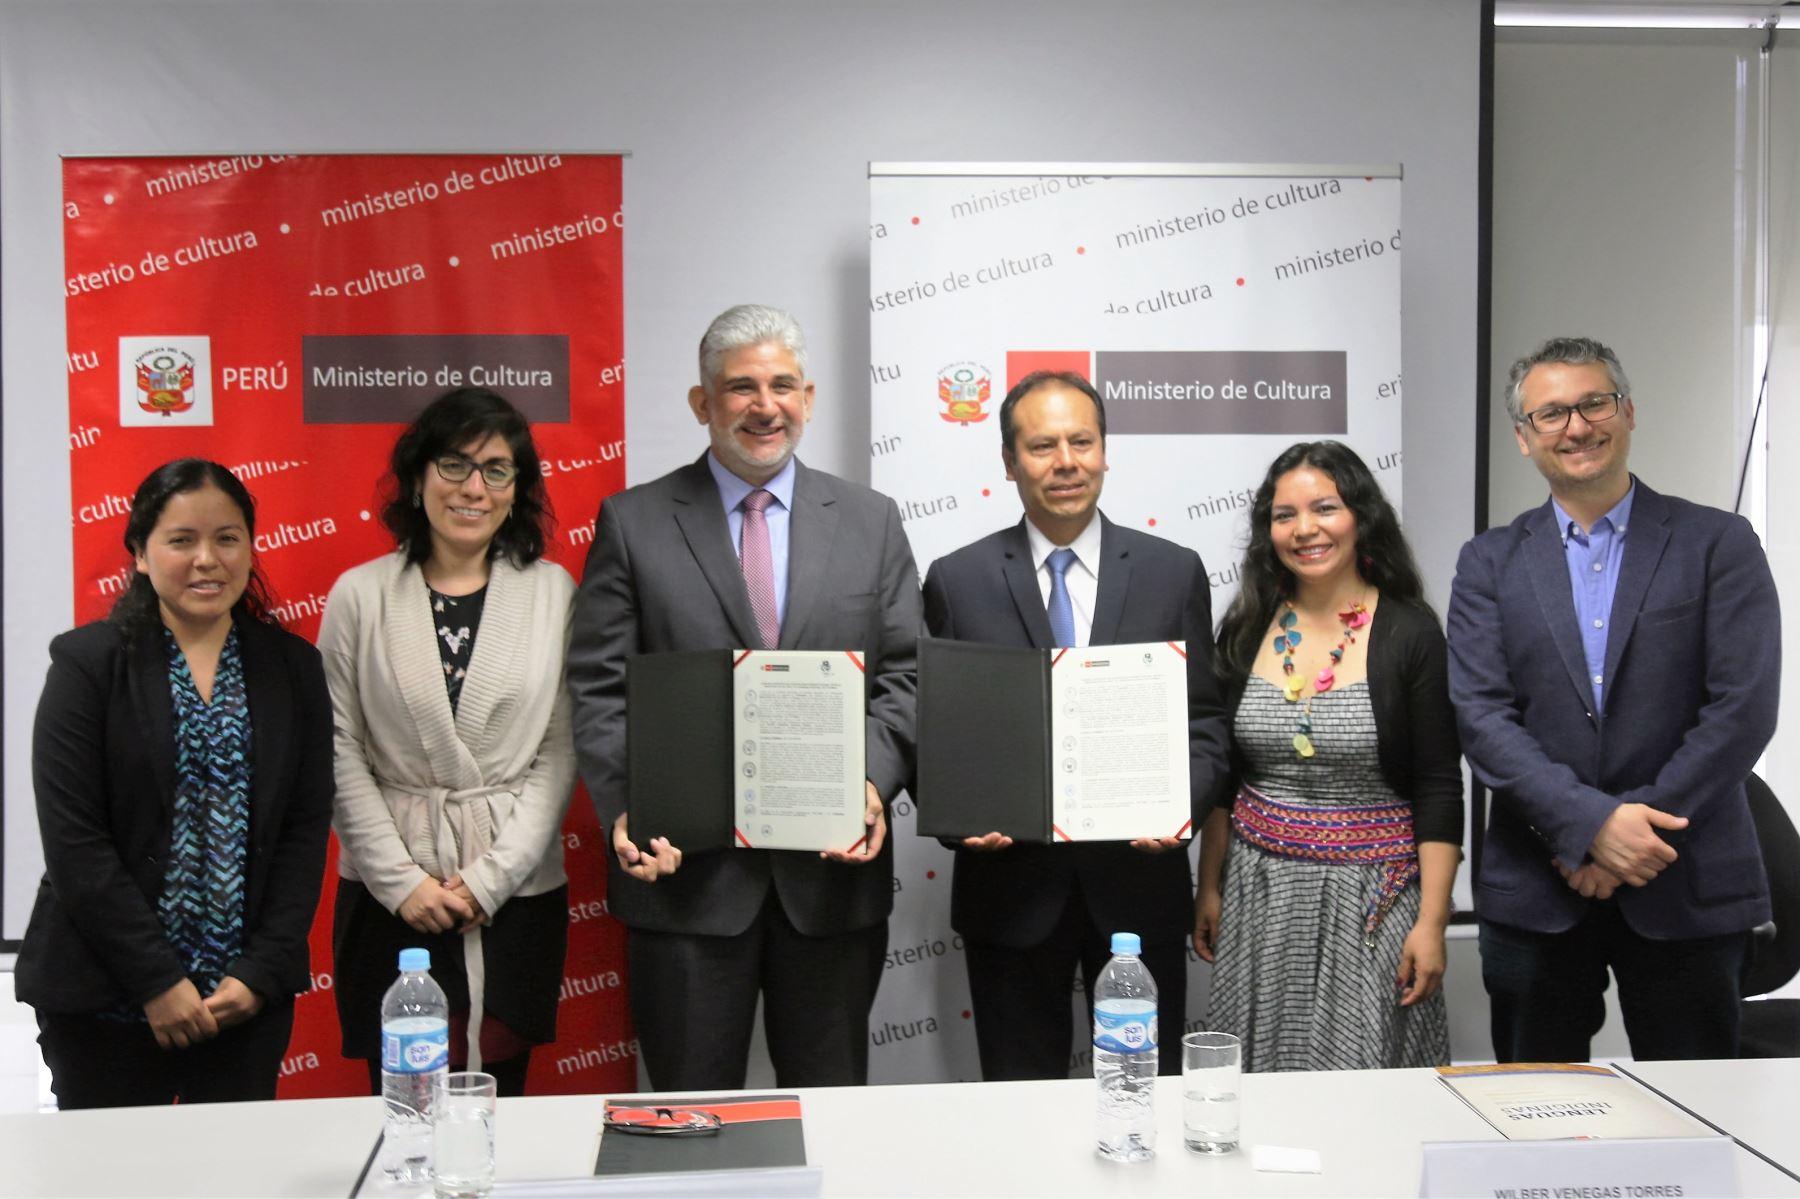 Ministerio de Cultura y Gobierno Regional suscriben acuerdo para implementar Ley de lenguas indígenas en dicha región.